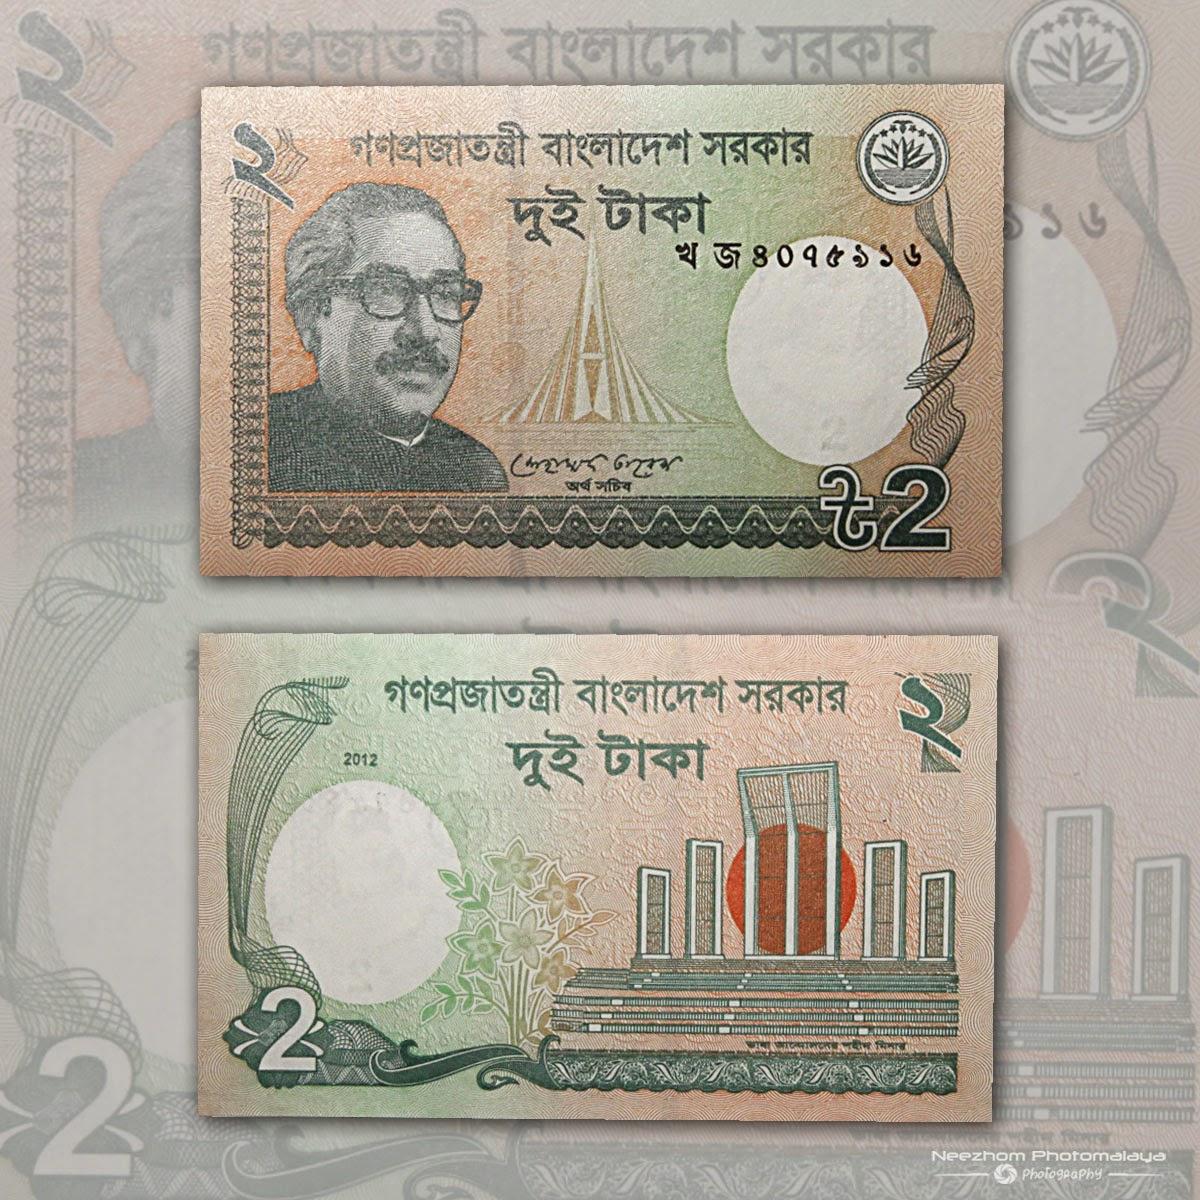 Bangladesh banknote 2 Rupee 2012